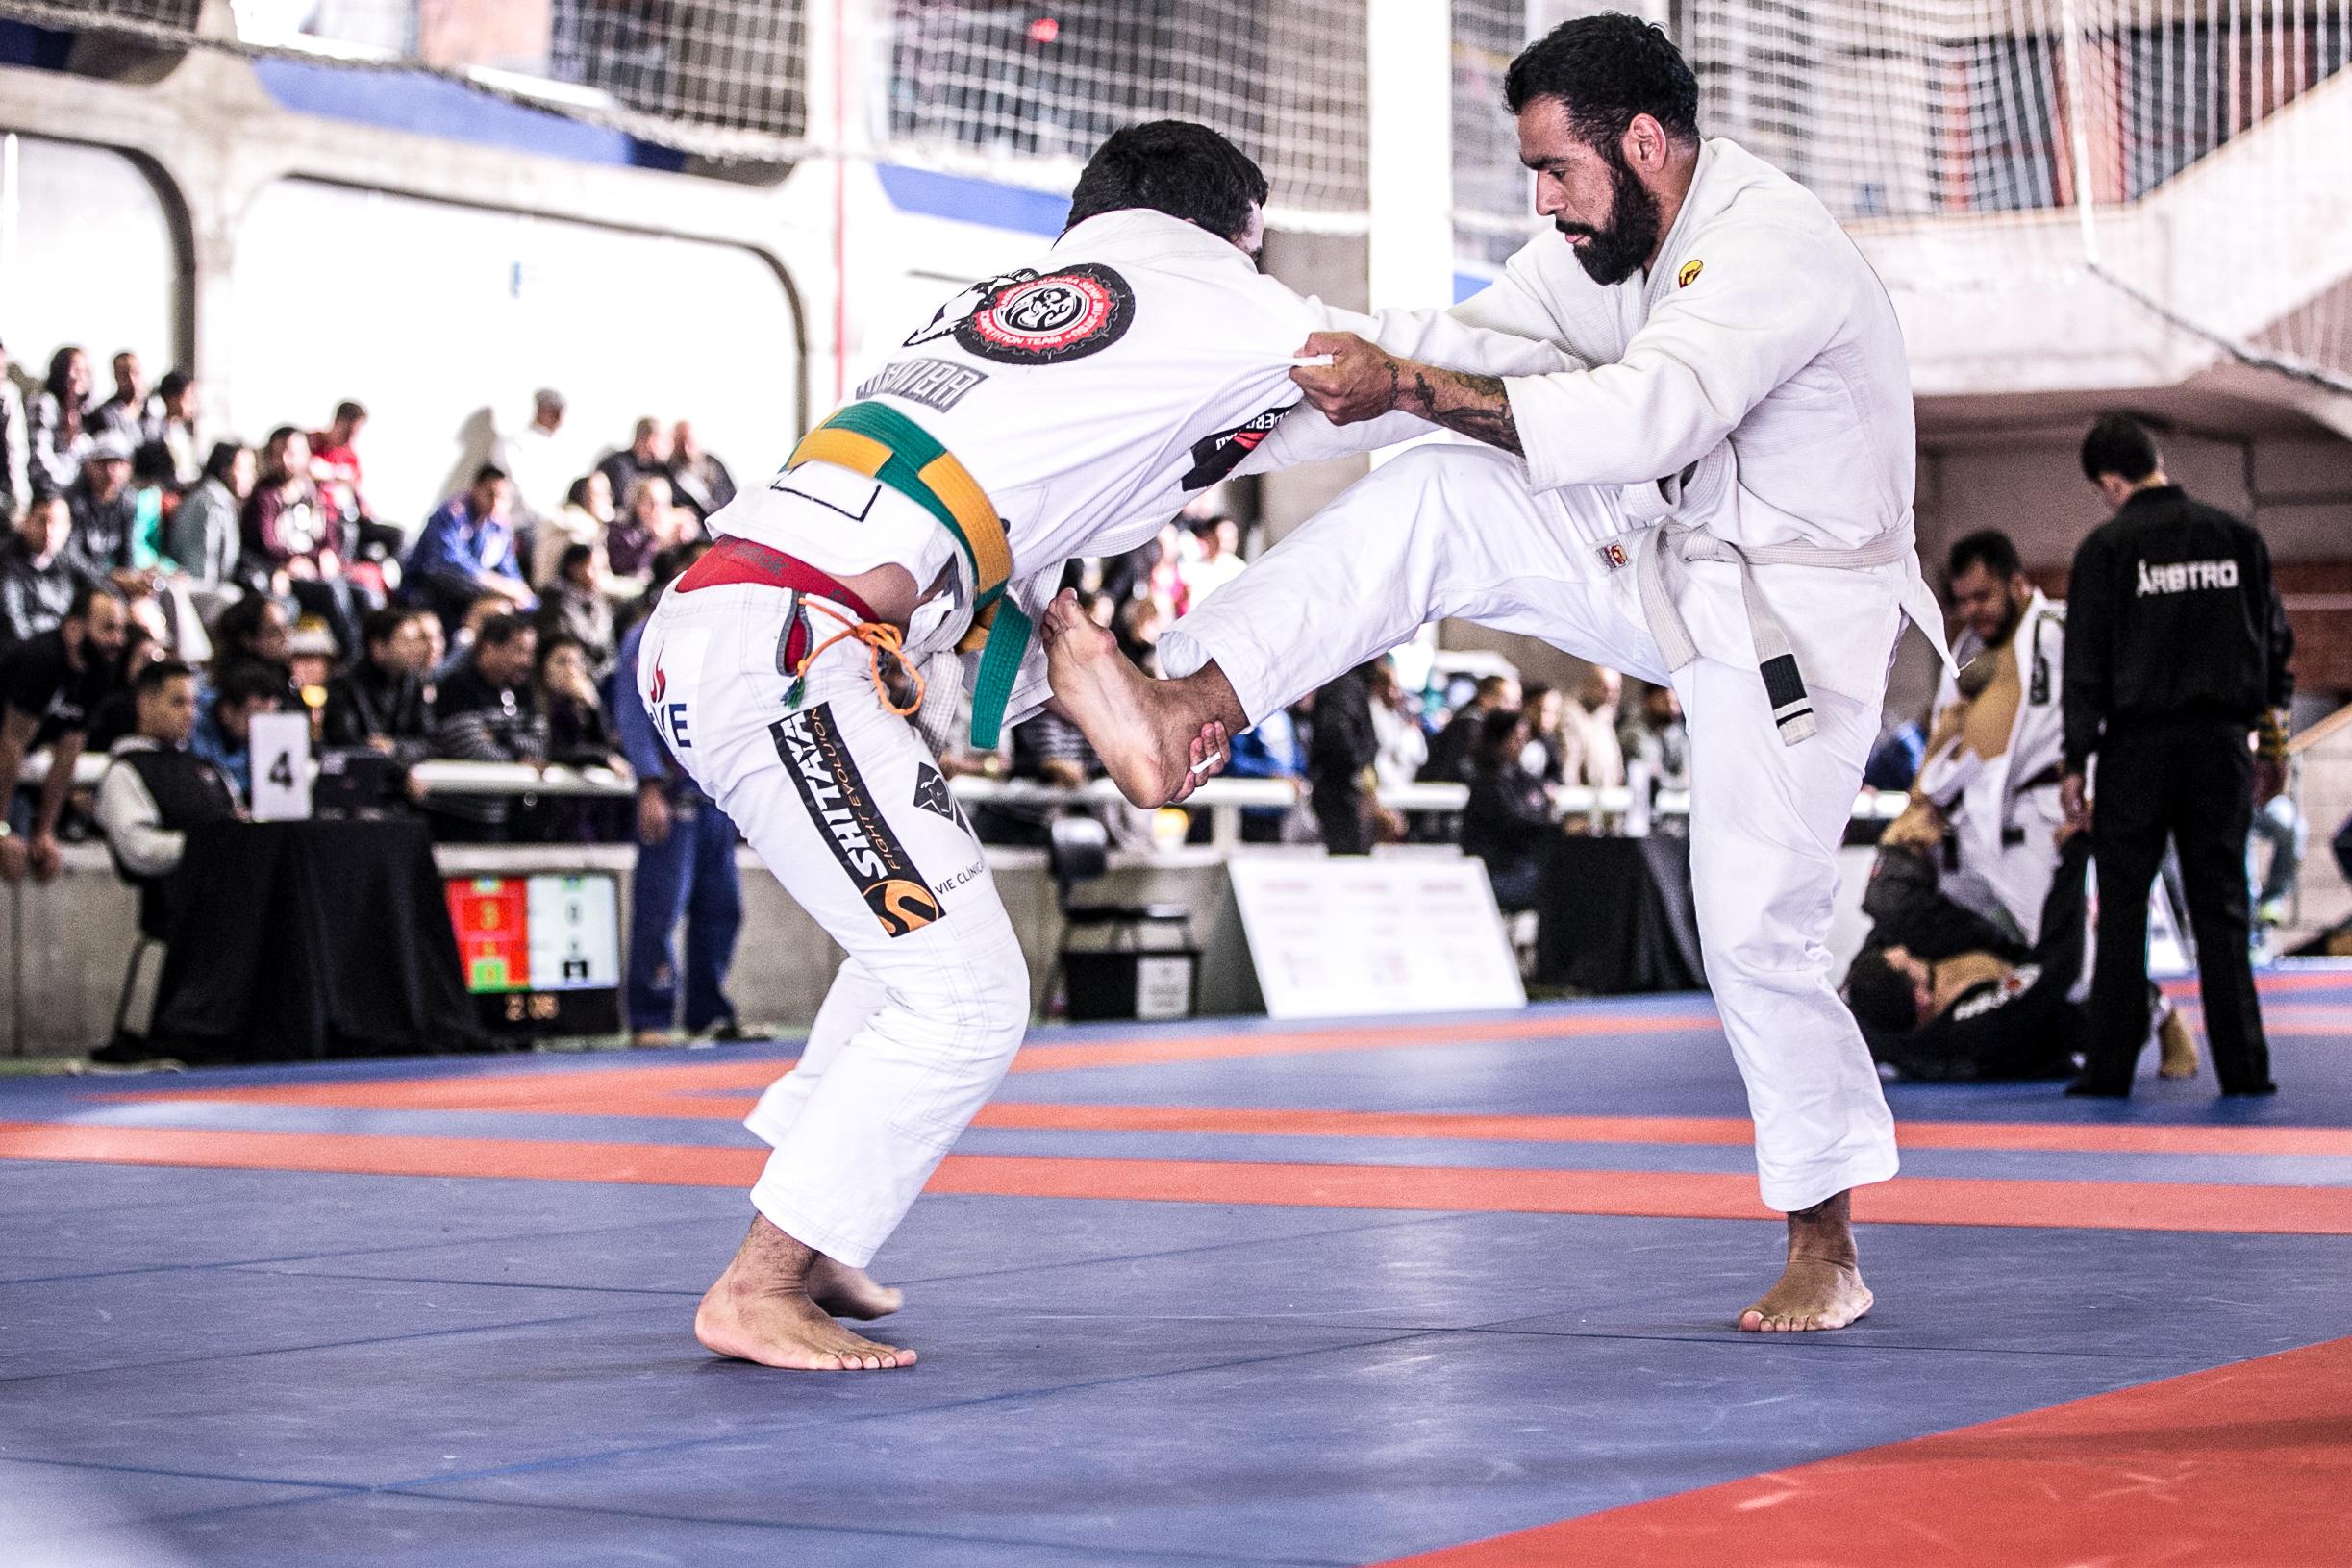 Competidores fizeram bonito na V Etapa da Copa Prime. Foto: Divulgação